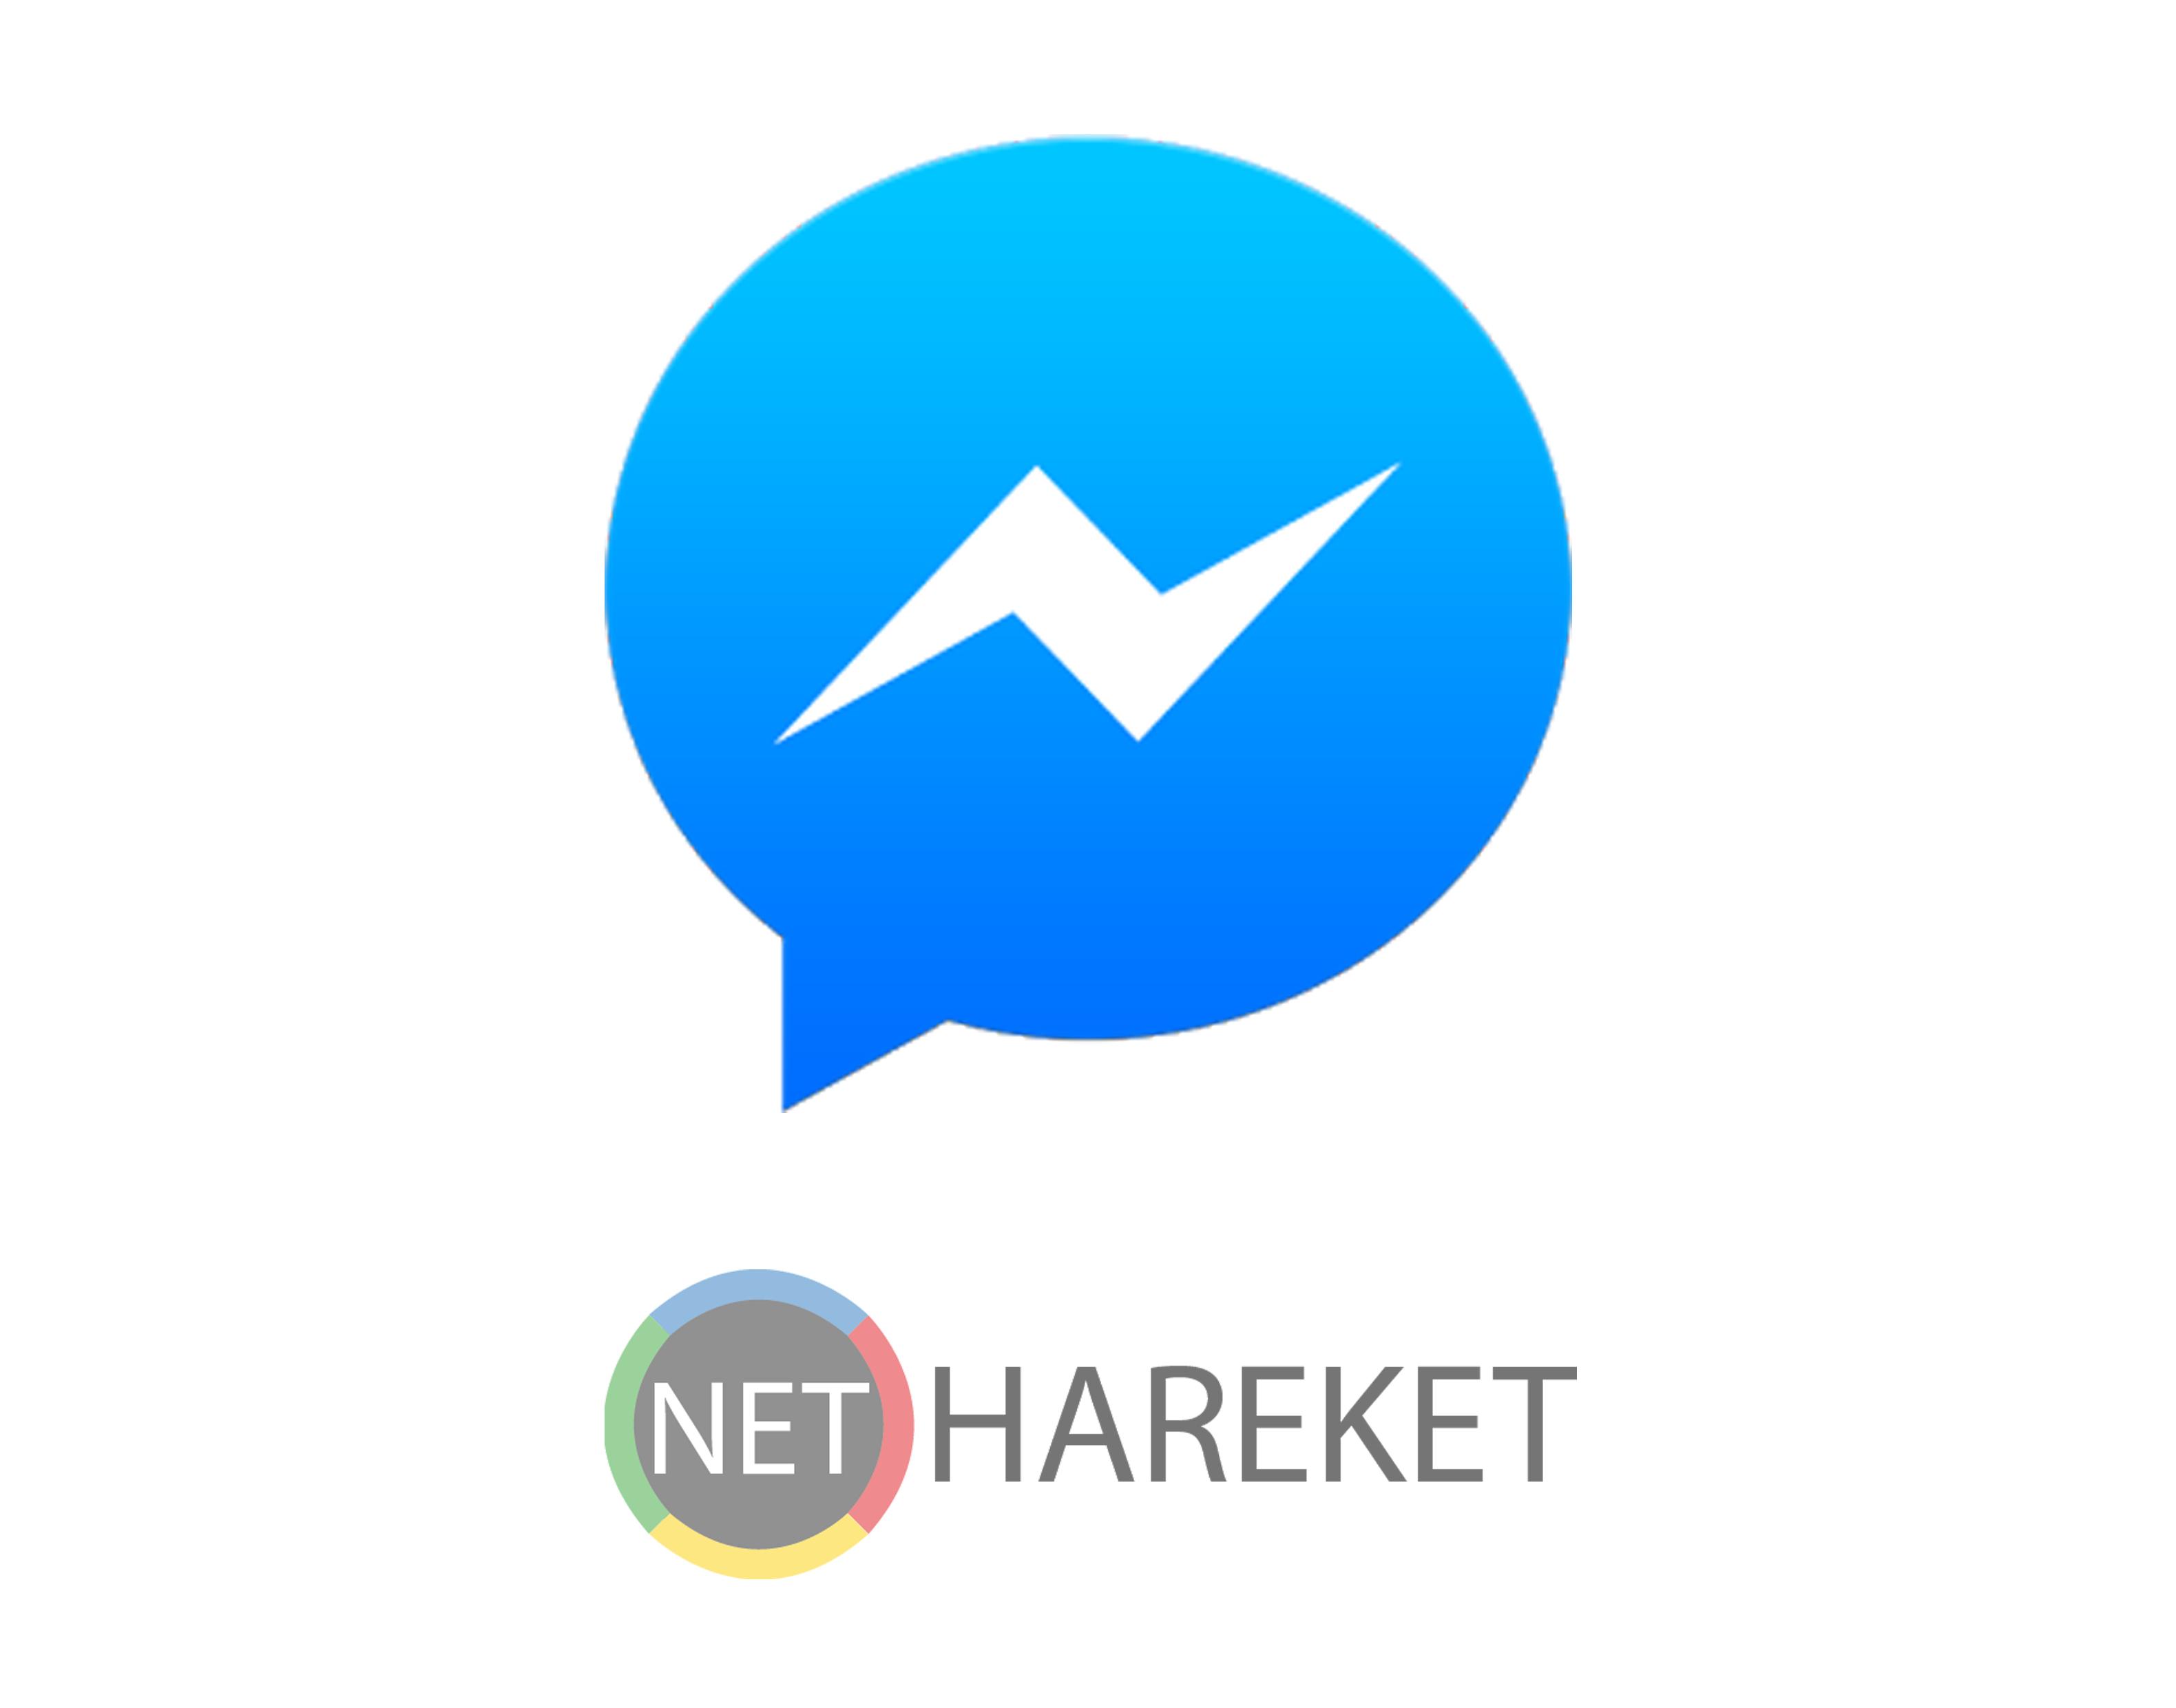 Instagram'a Messenger'a Tıkla Reklamları Geliyor 56